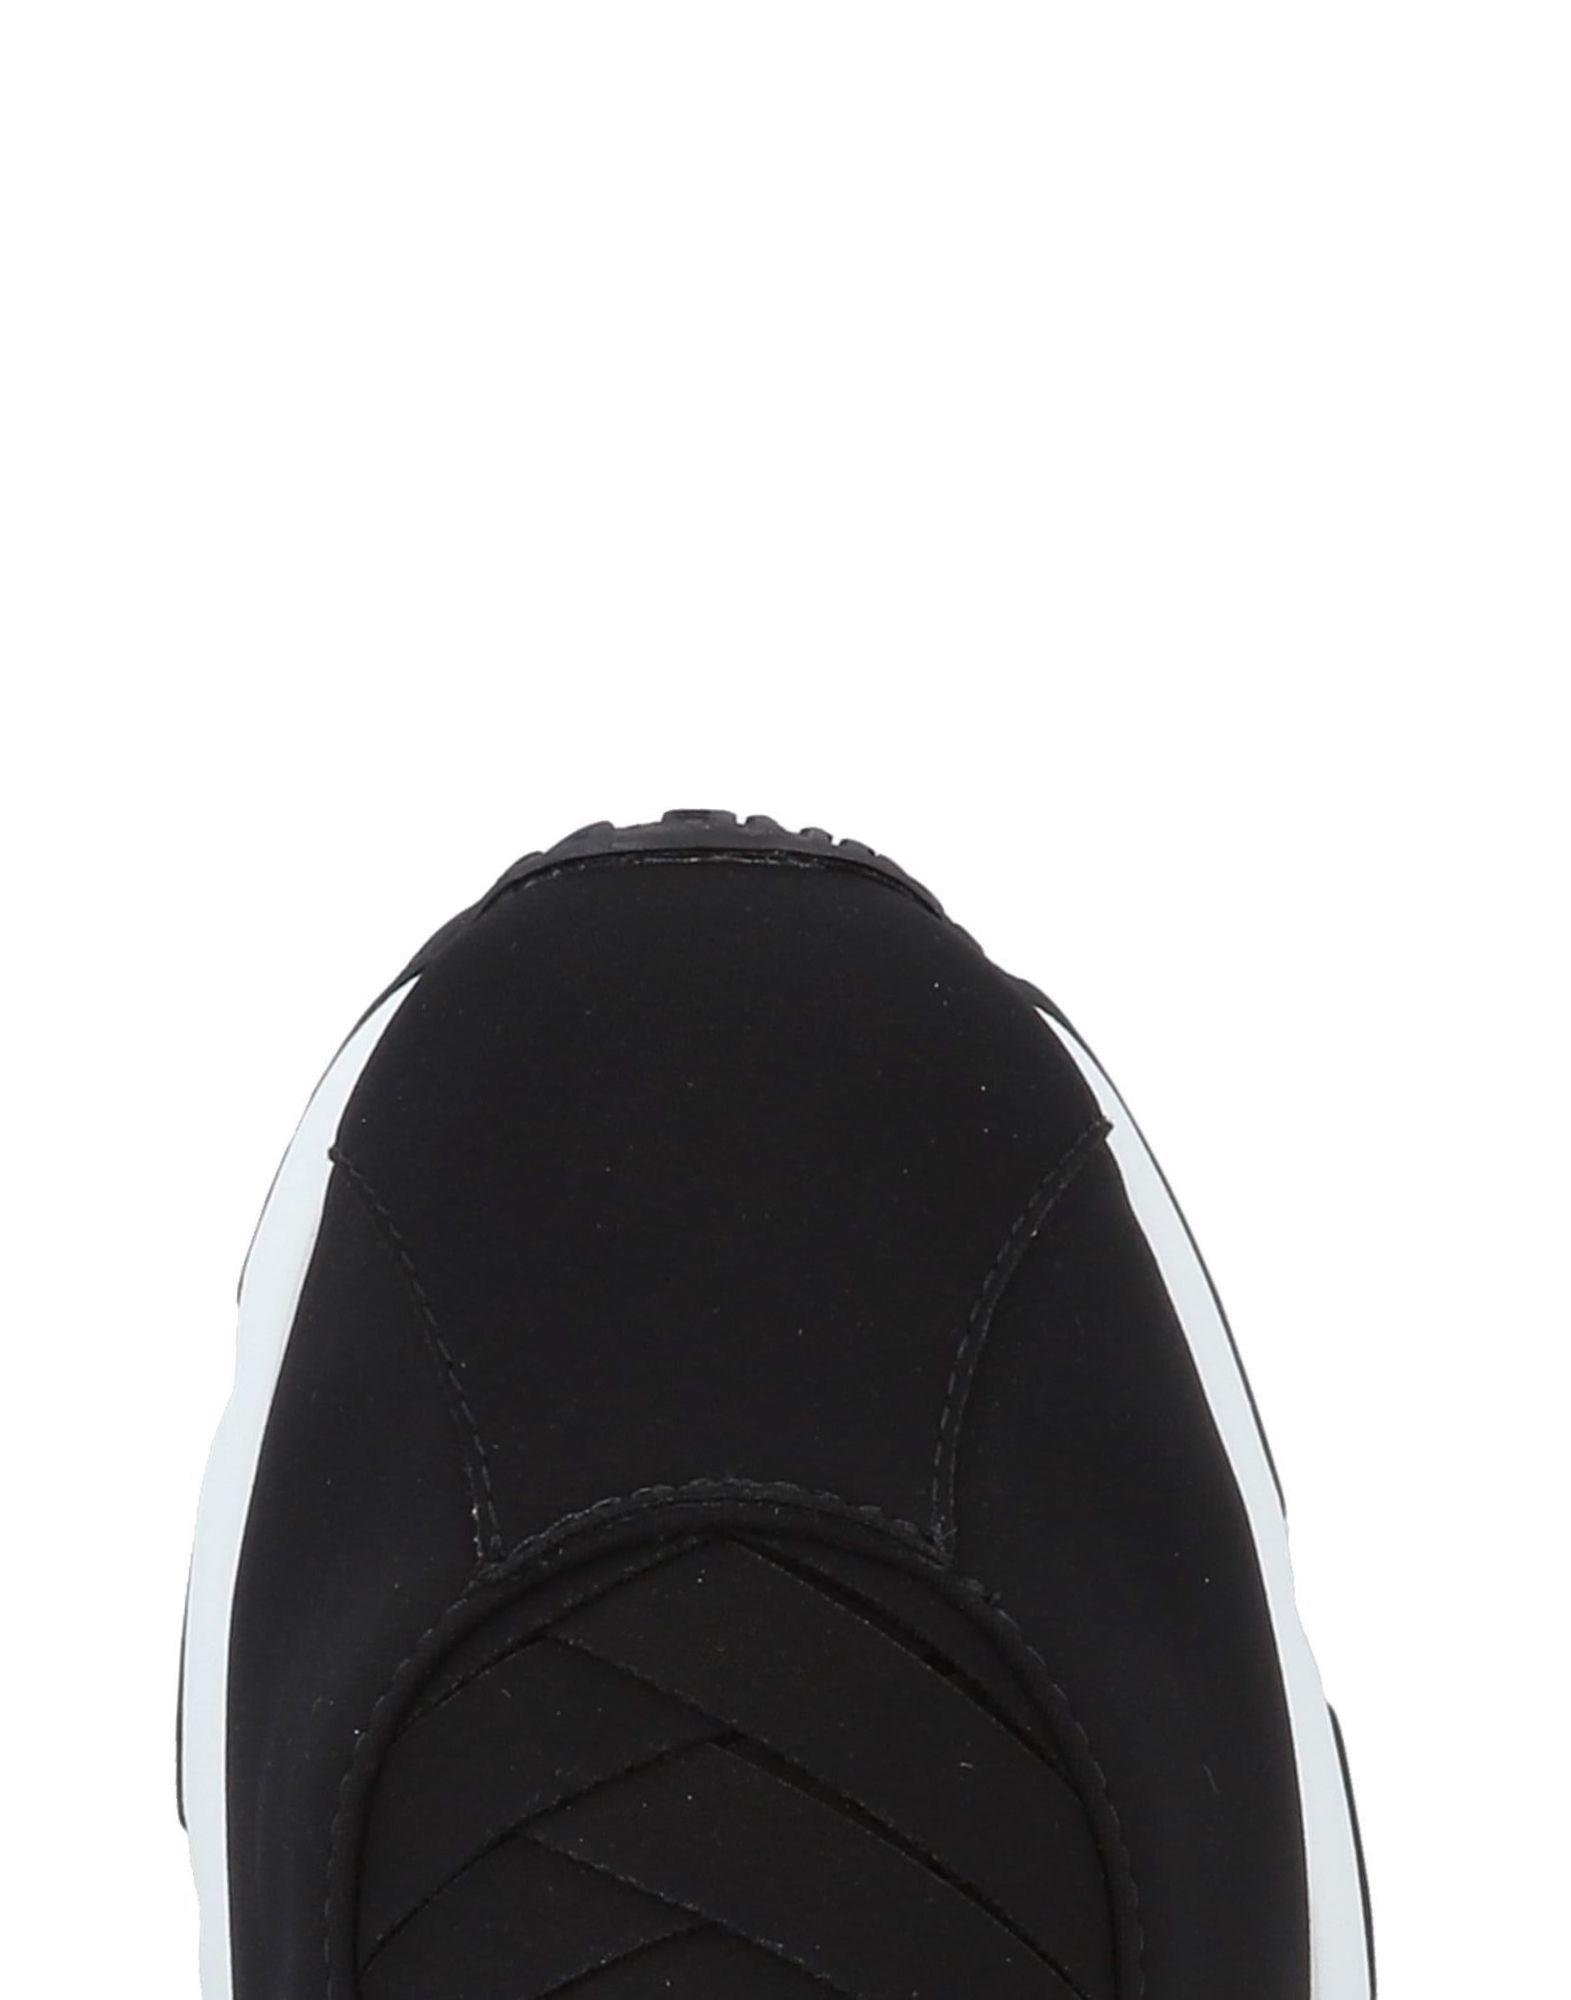 Ruco lohnt Line Sneakers Damen Gutes Preis-Leistungs-Verhältnis, es lohnt Ruco sich 45f575